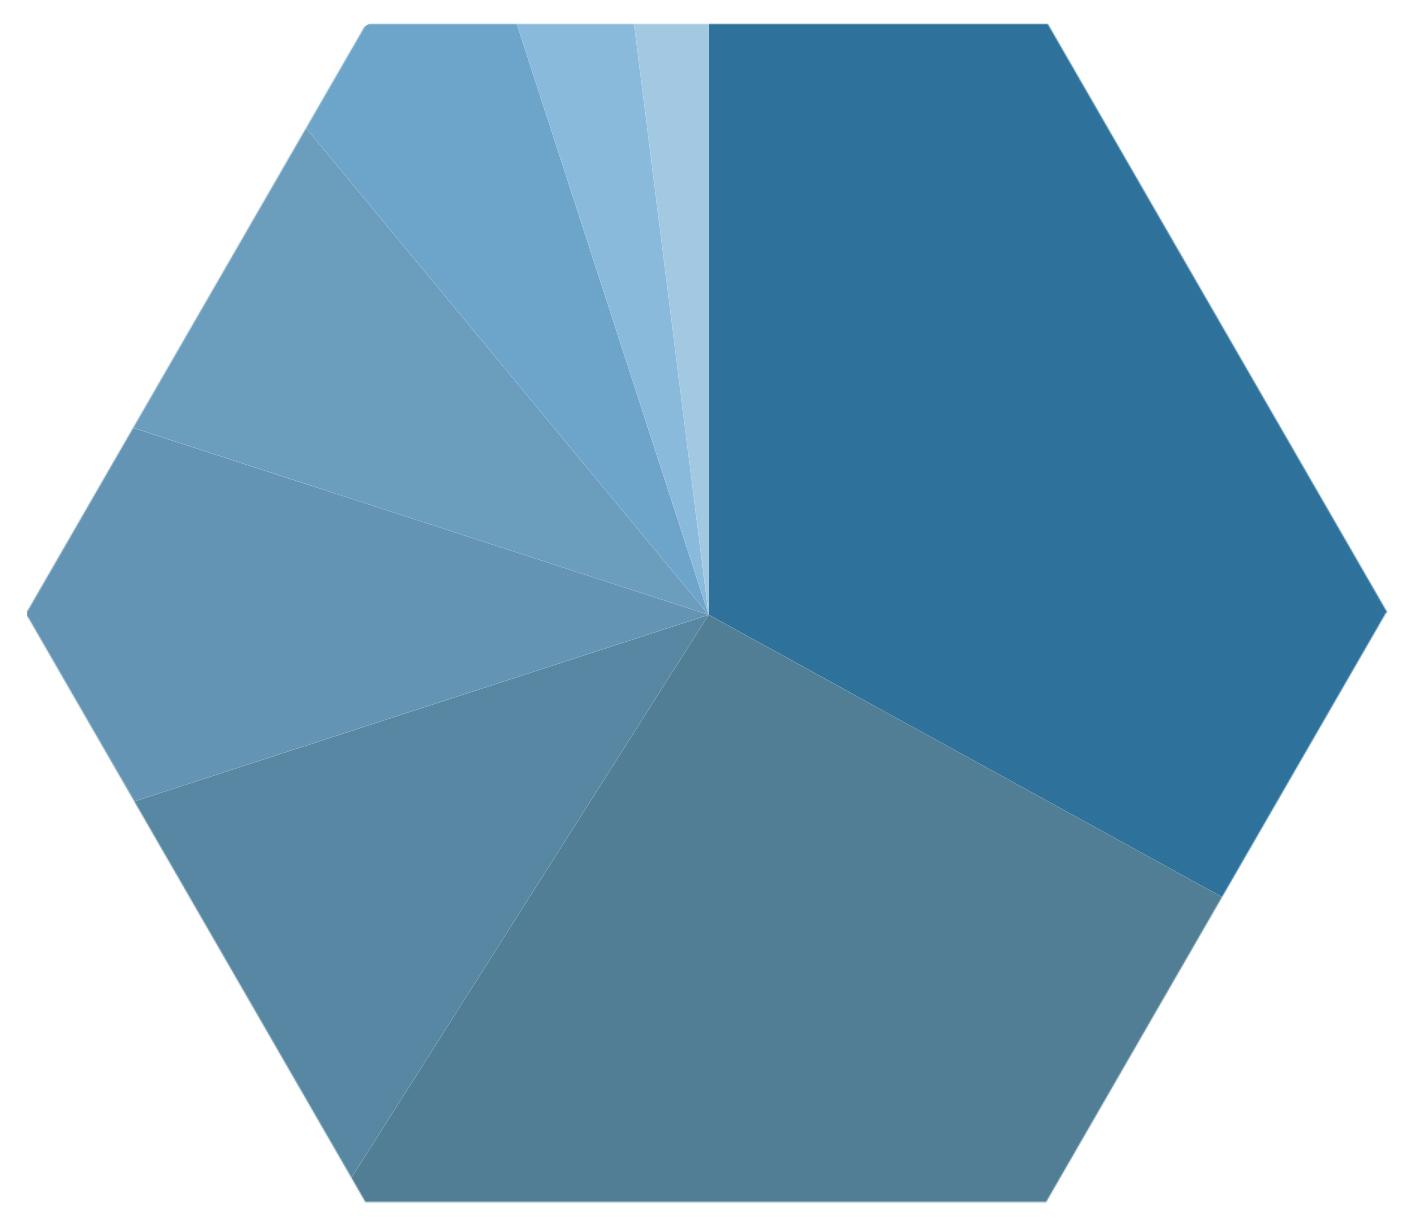 Hexagon Graph_UPDATED